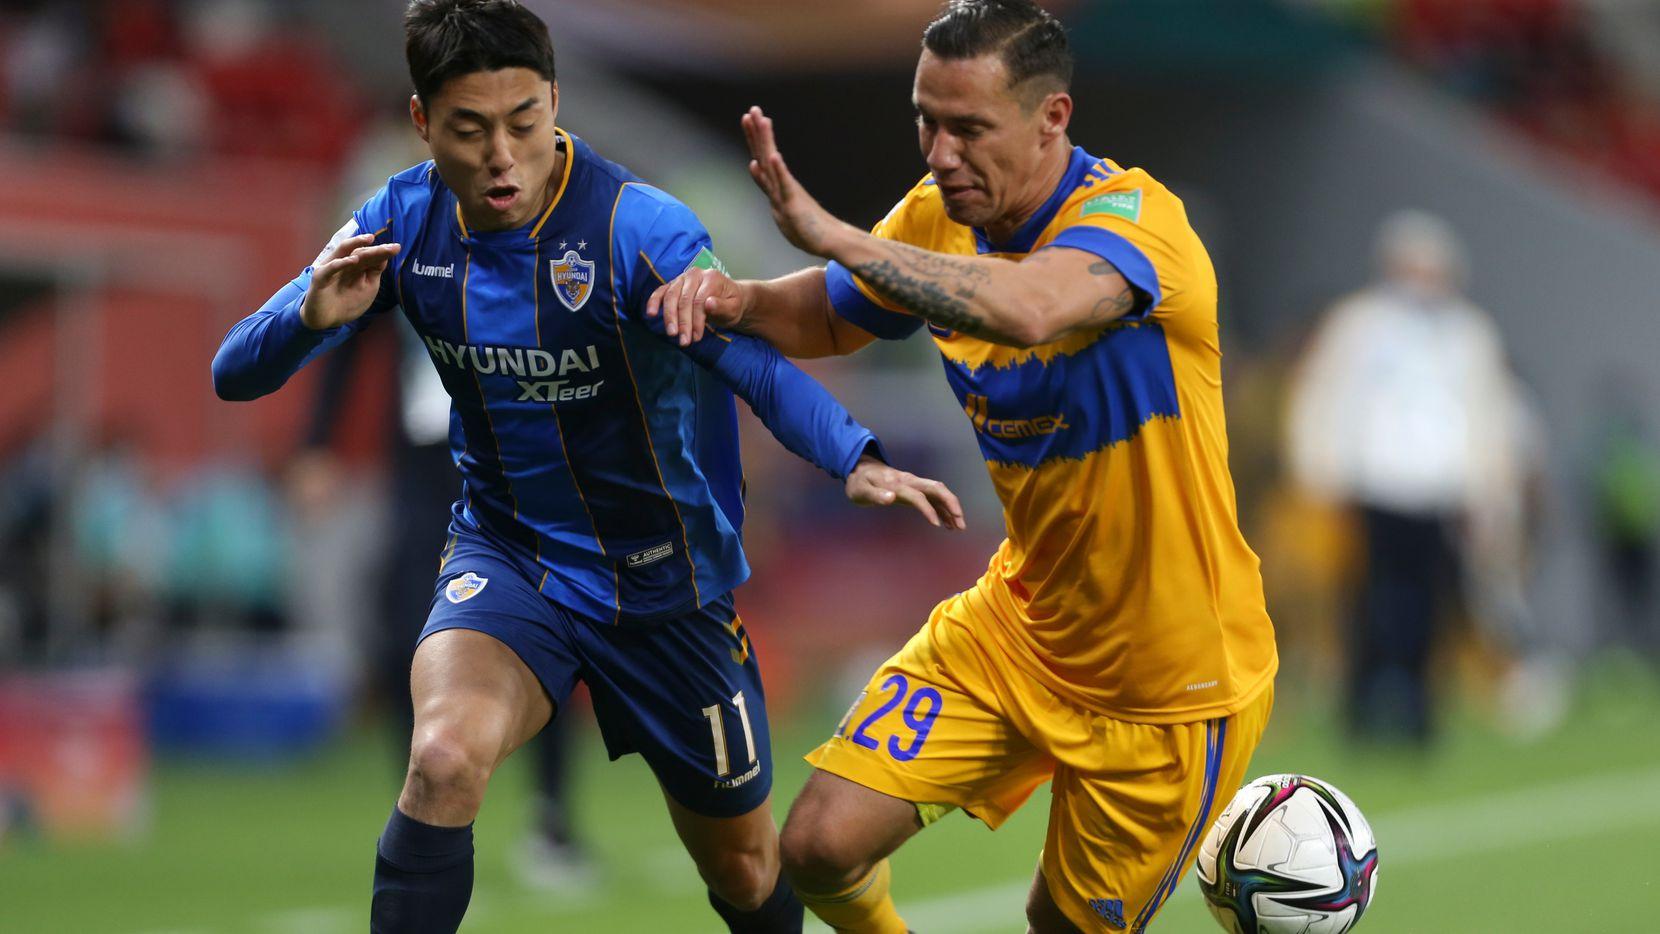 El jugador del Ulsan Hyundai, Lee Dongjun (izq), pelea el balón con el mediocampista de Tigres, Jesús Dueñas, en el partido del Mundial de Clubes efectuado en Qatar, el 4 de febrero de 2021.